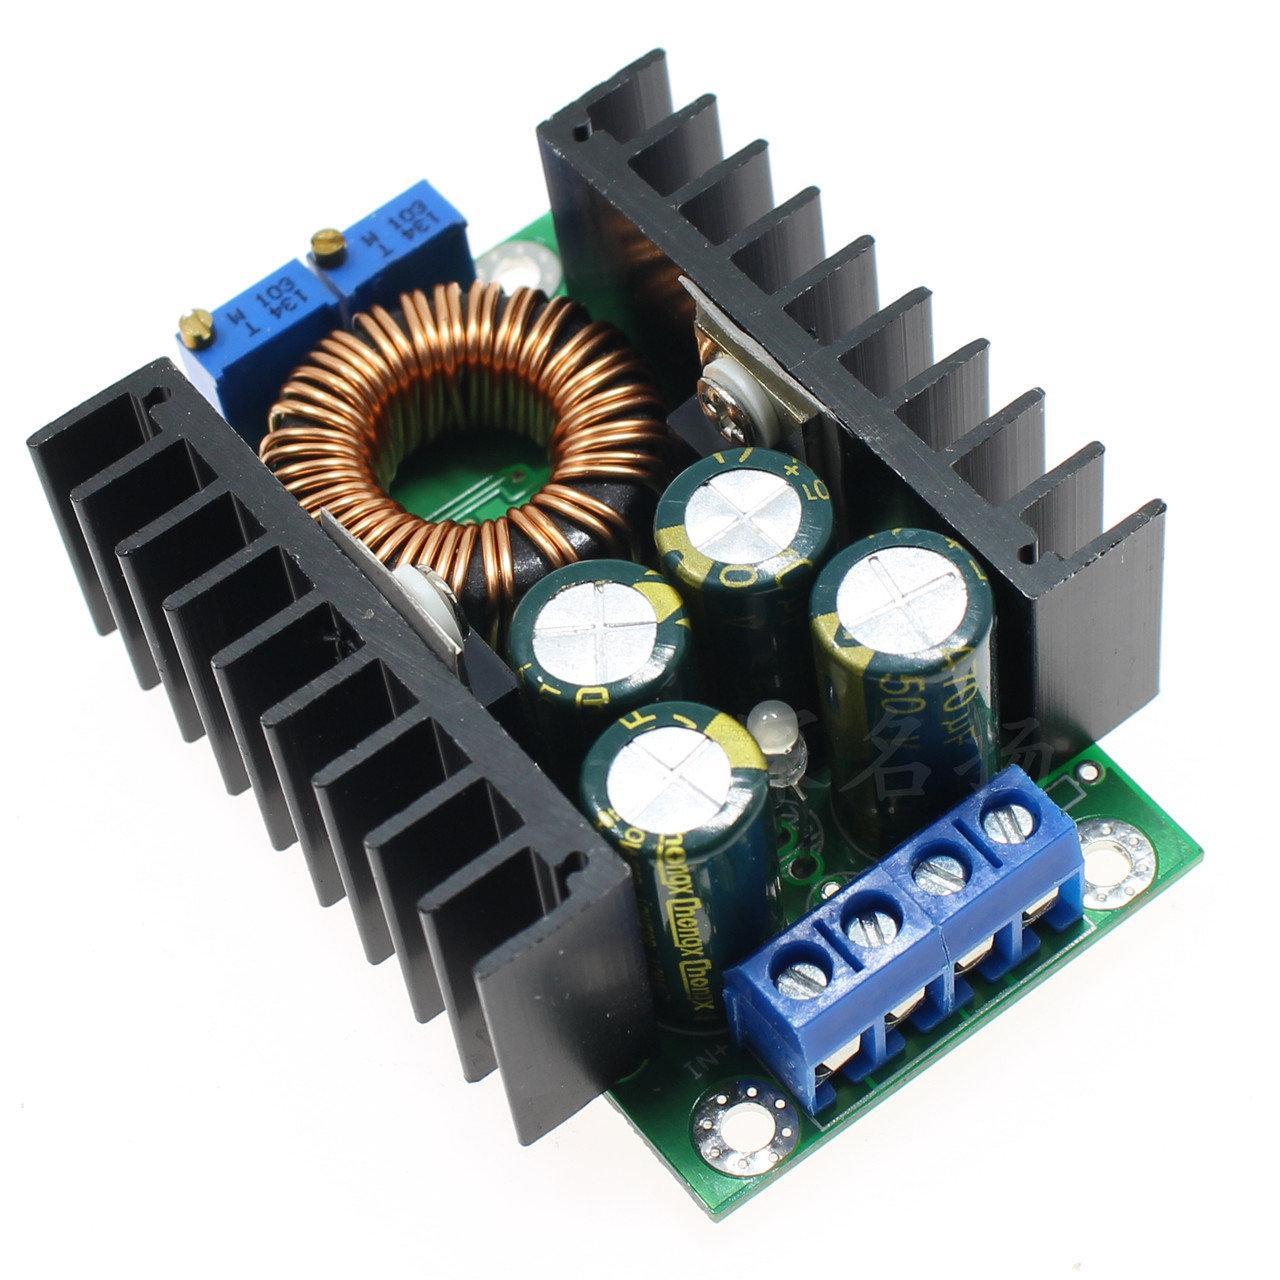 Регулируемый понижающий 8А преобразователь на XL4016E1, с регулировкой тока и напряжения